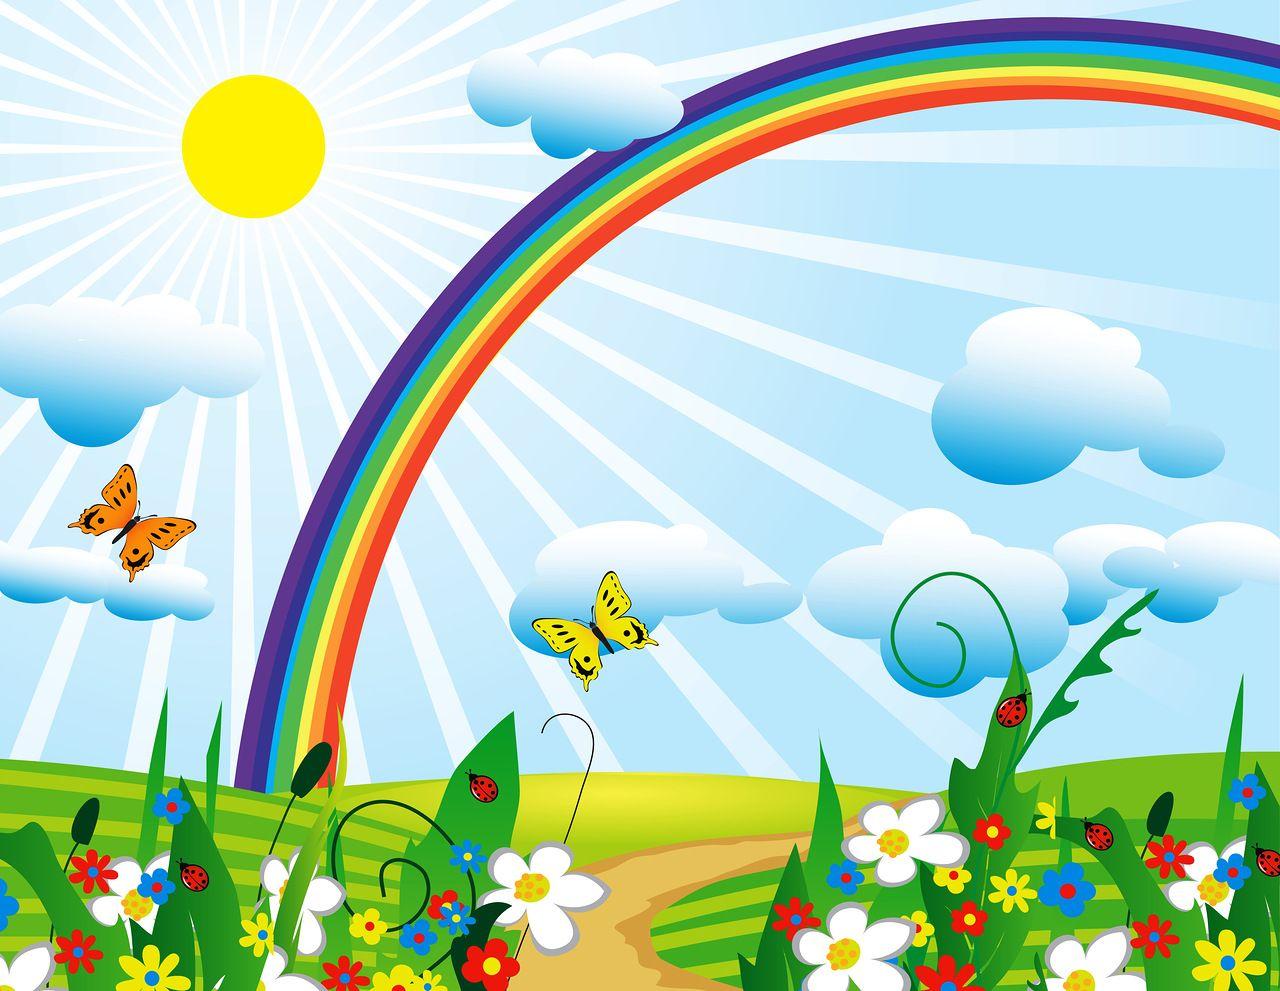 Про мужчин, детские рисунки картинки для с радугой сайта